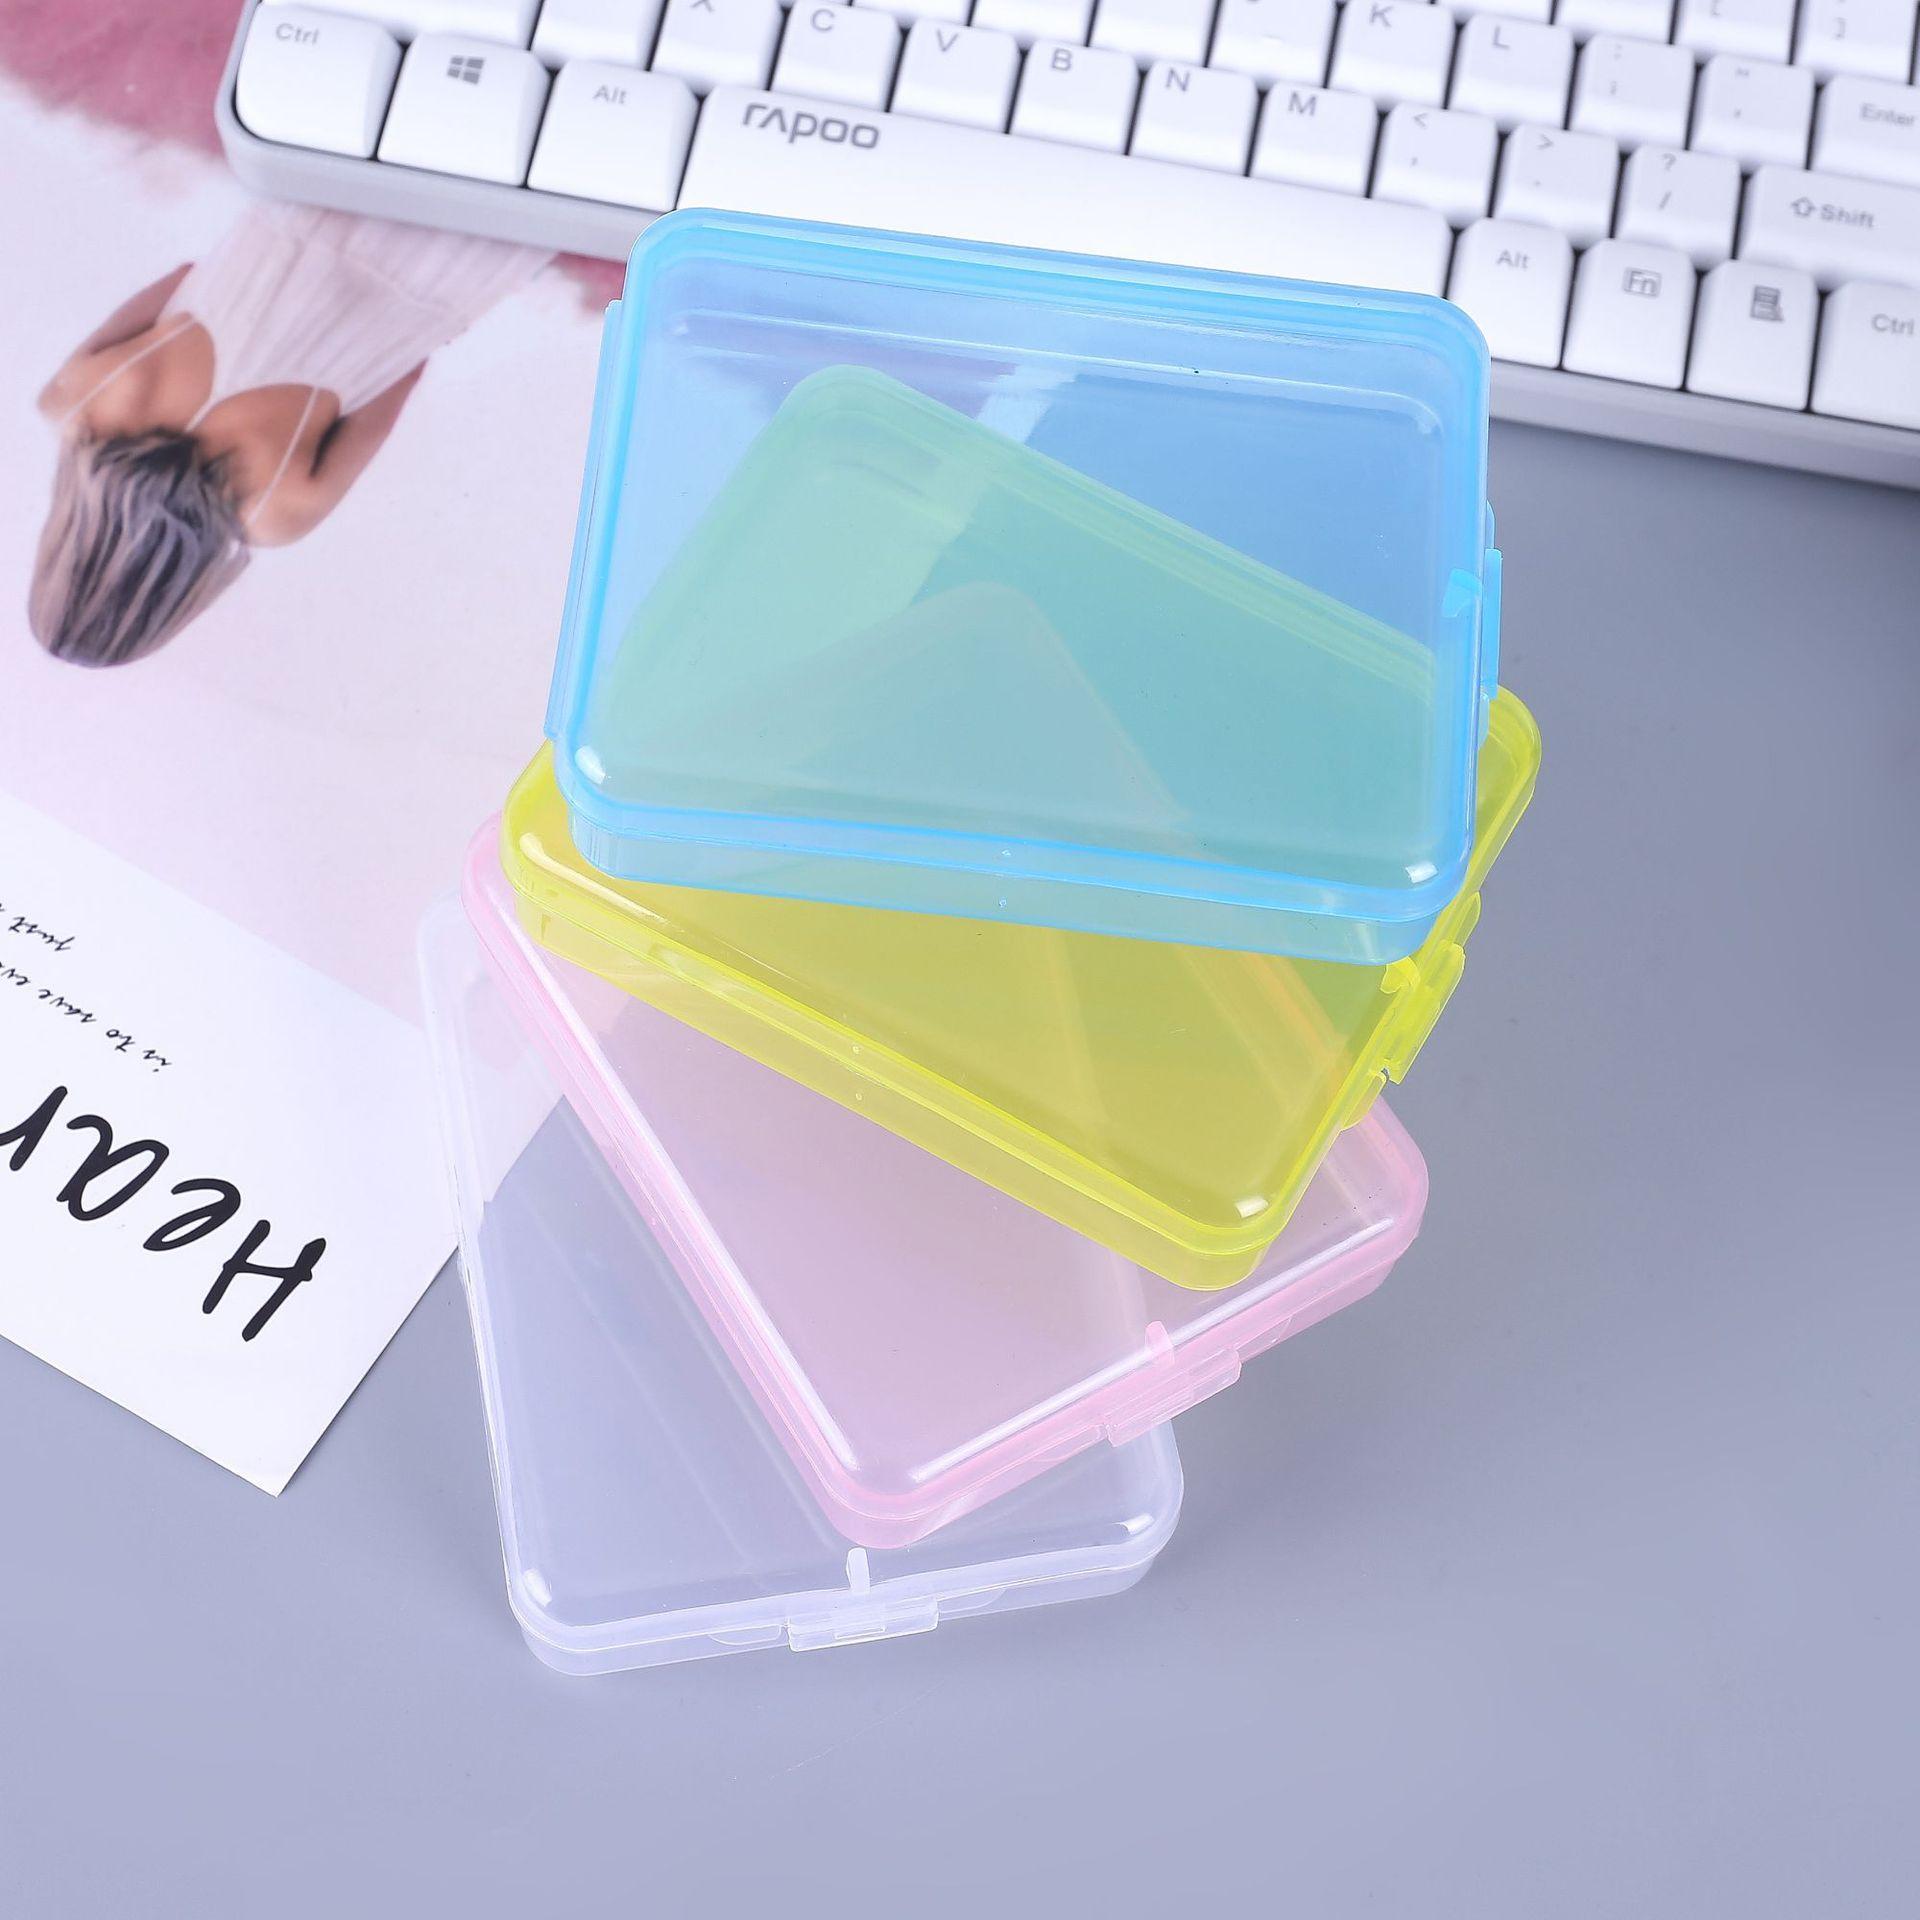 el envío libre de la tarjeta del fragmento de incendio caja de la caja de tarjeta de memoria recipiente de tarjetas CF Rectángulos de herramientas de plástico transparente de almacenamiento fácil de Carry